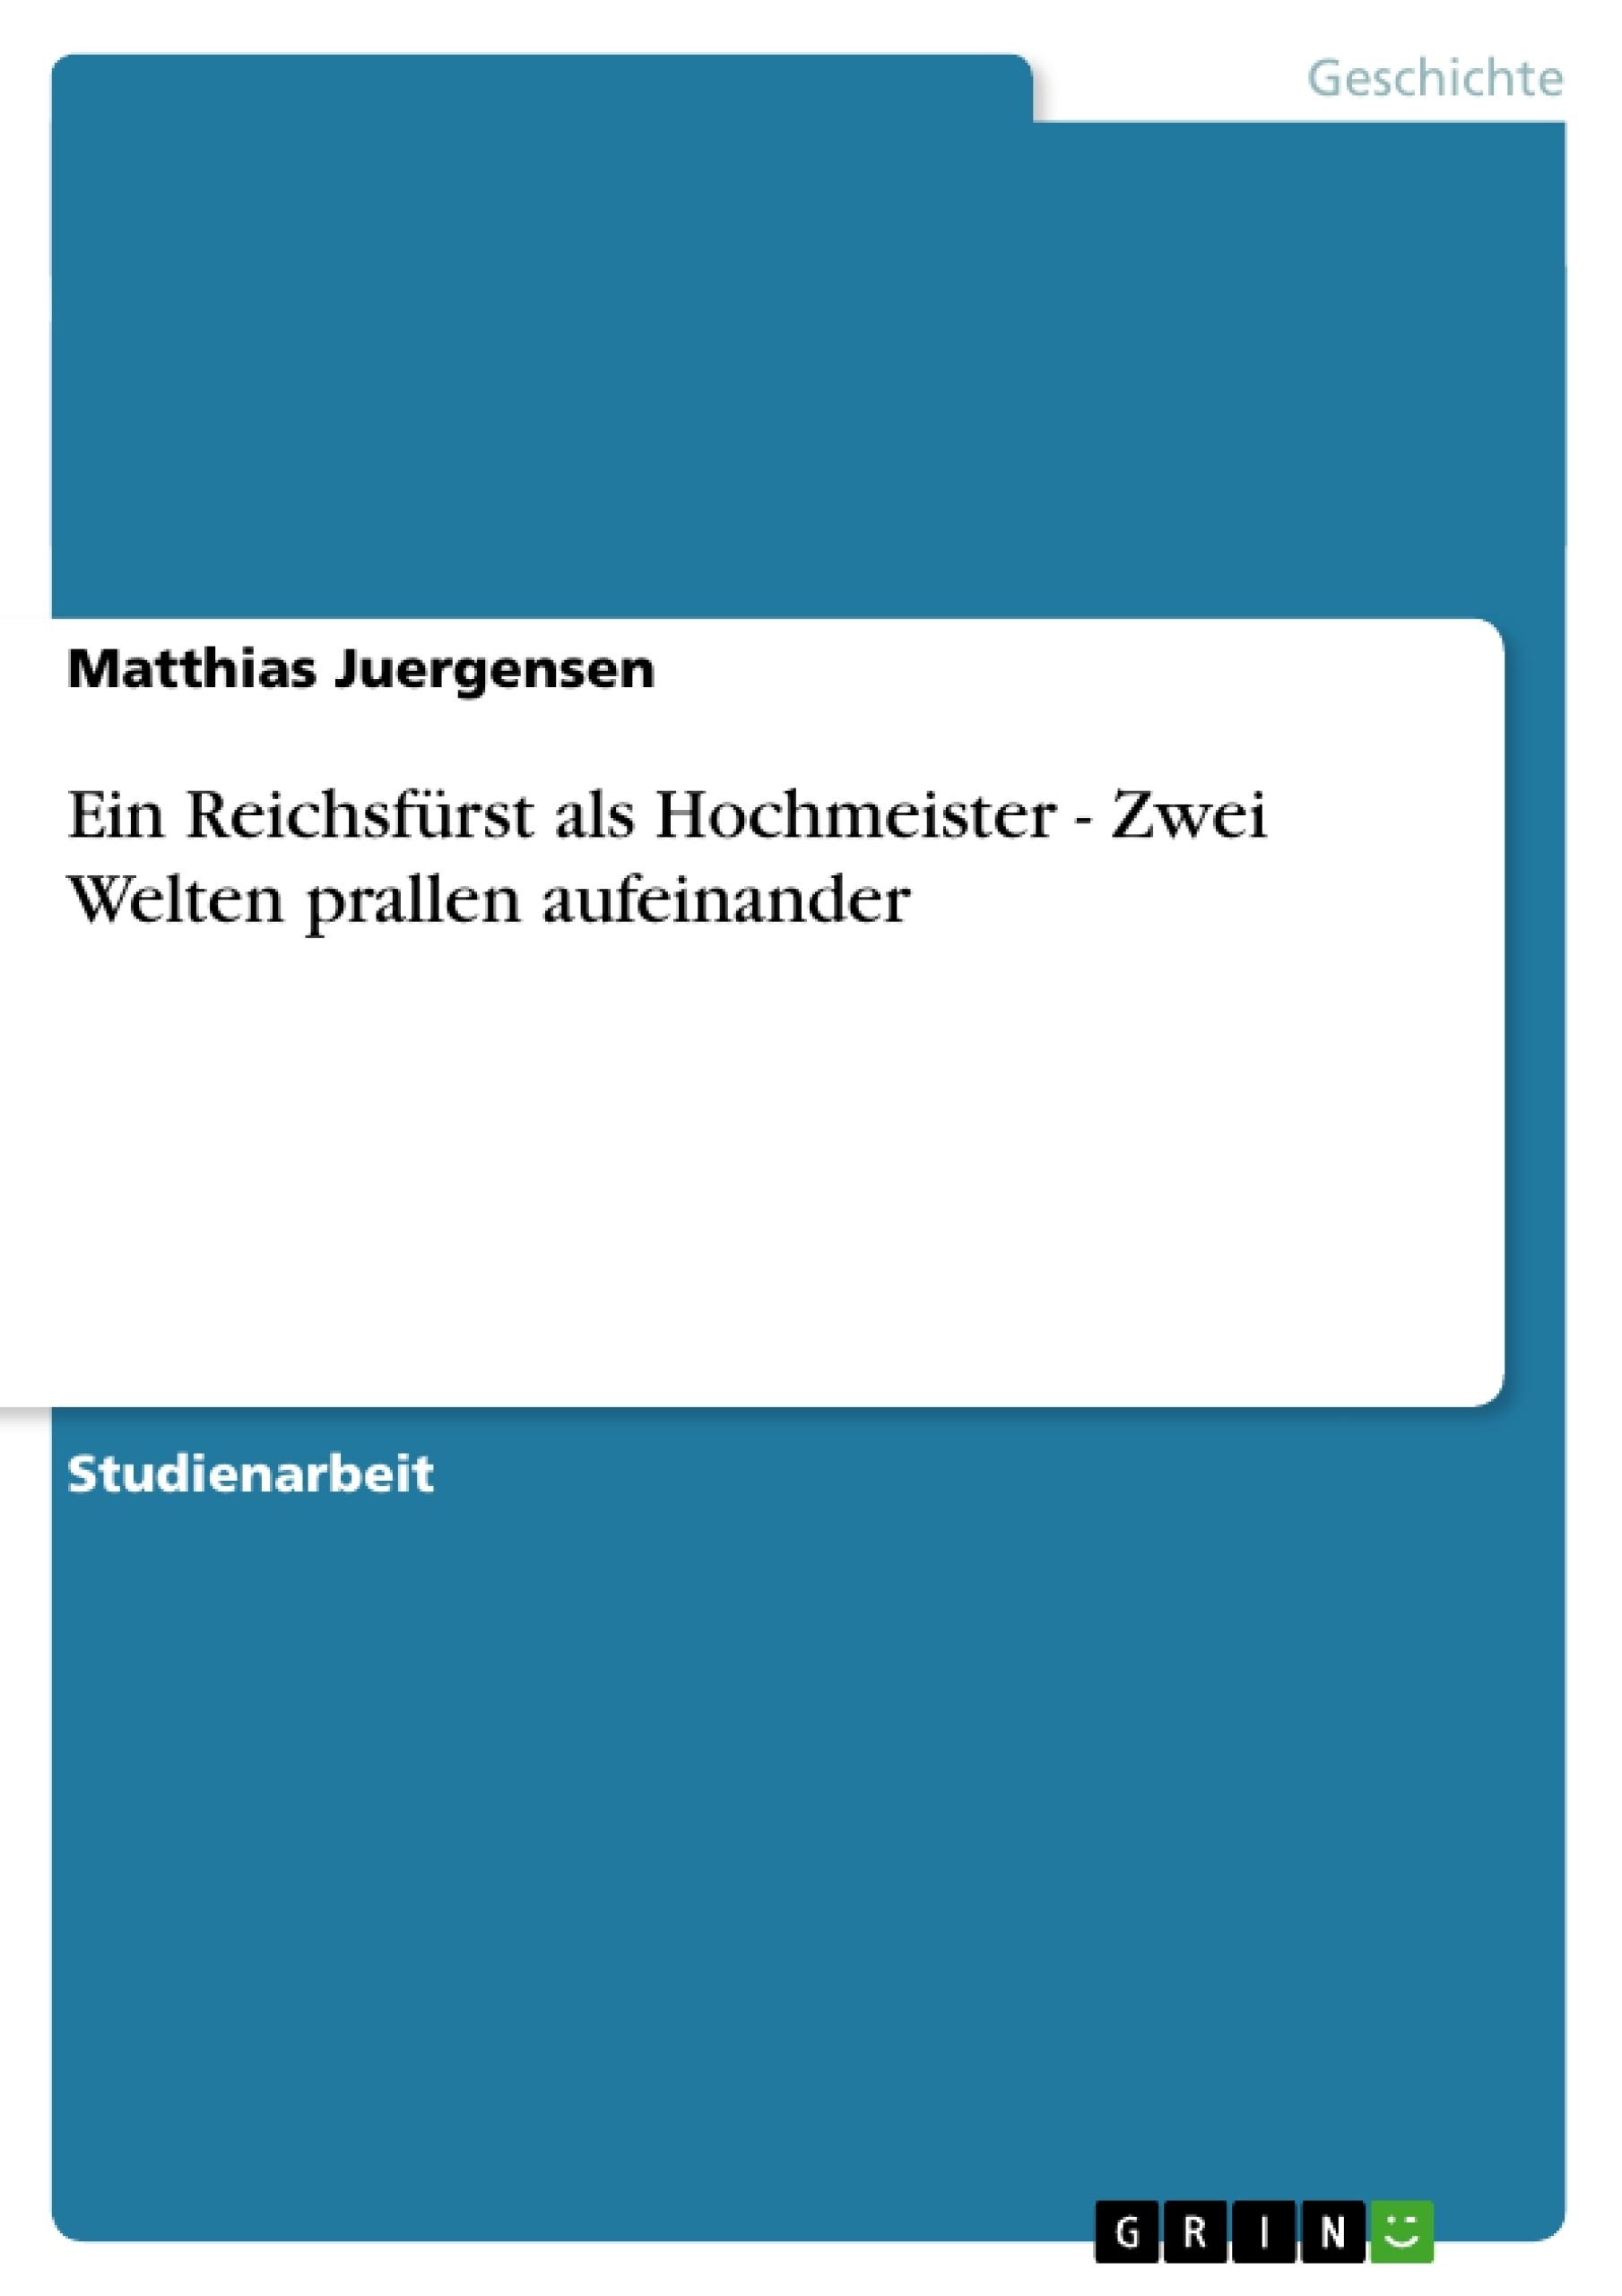 Titel: Ein Reichsfürst als Hochmeister - Zwei Welten prallen aufeinander